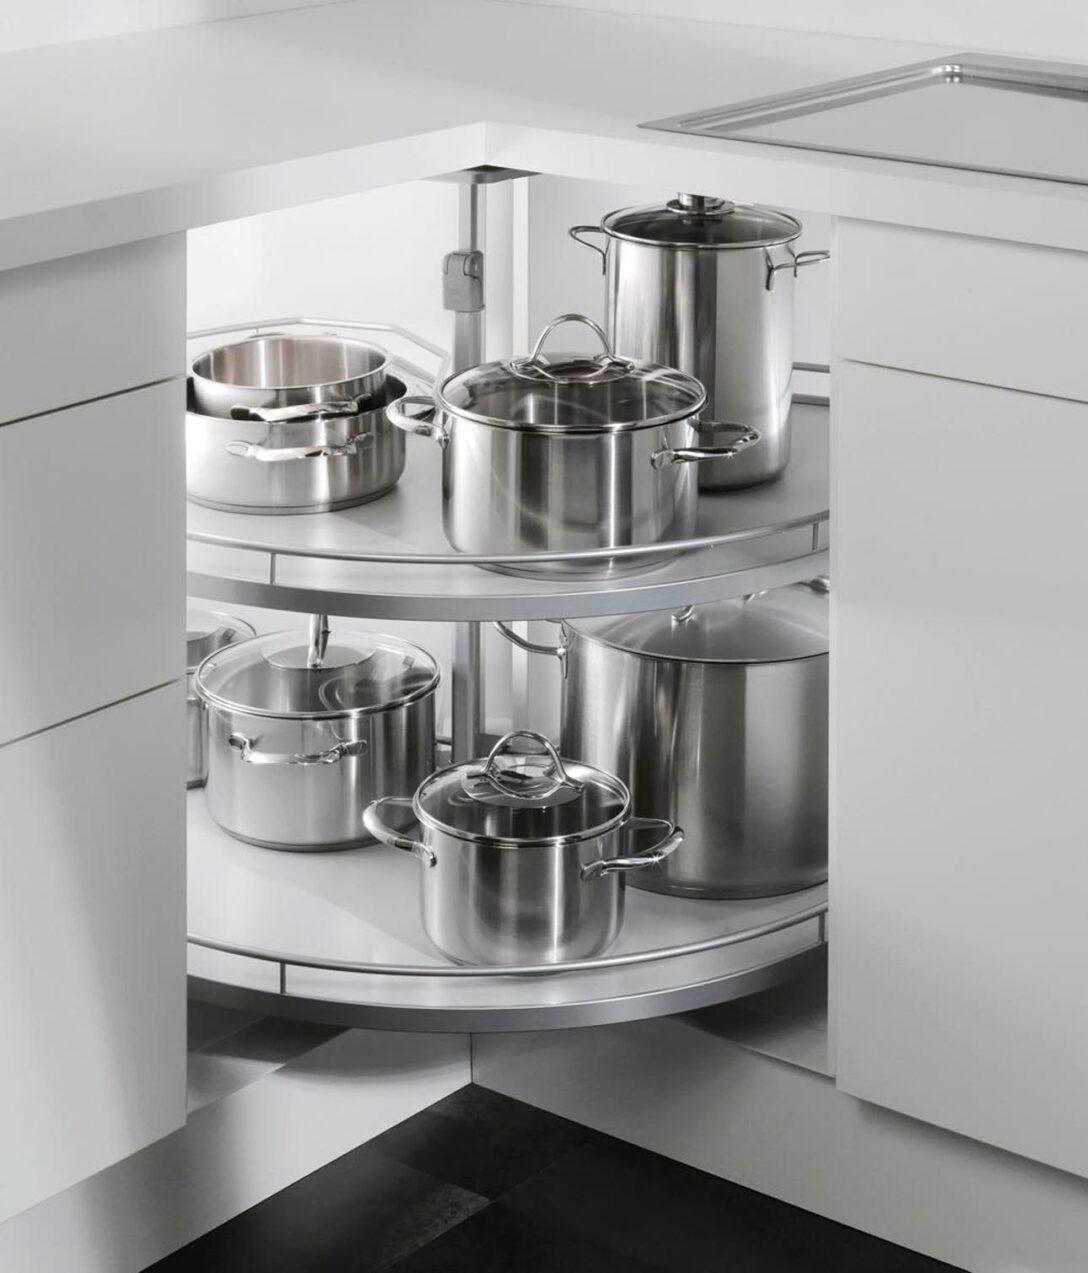 Large Size of Küchenkarussell Stauraumlsungen Zubehr Und Ausstattungsdetails Ewe Wohnzimmer Küchenkarussell